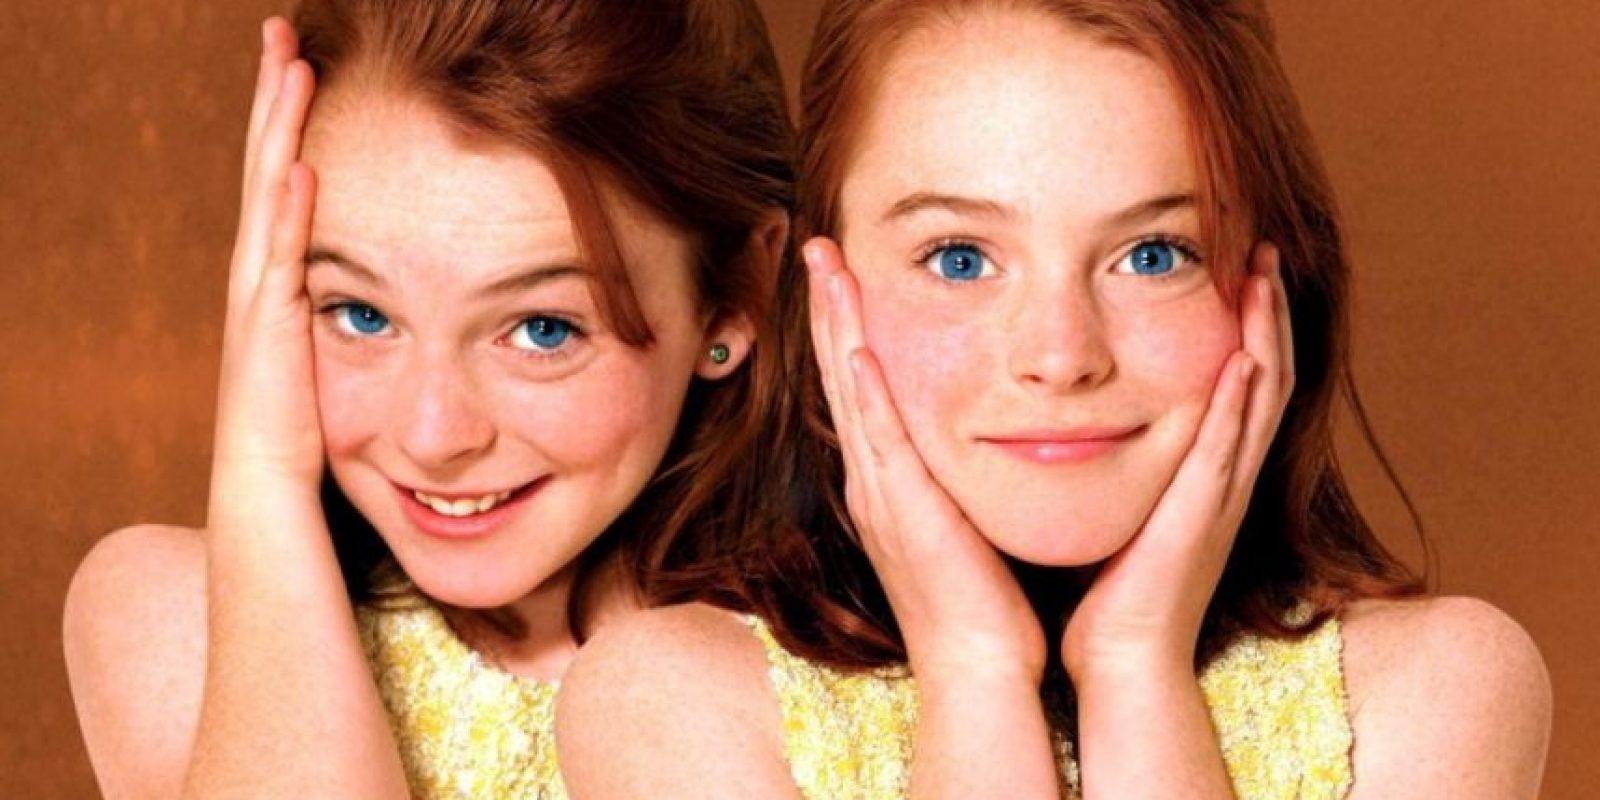 La actriz participó como la doble de cuerpo de Lindsay Lohan. Foto:IMDB